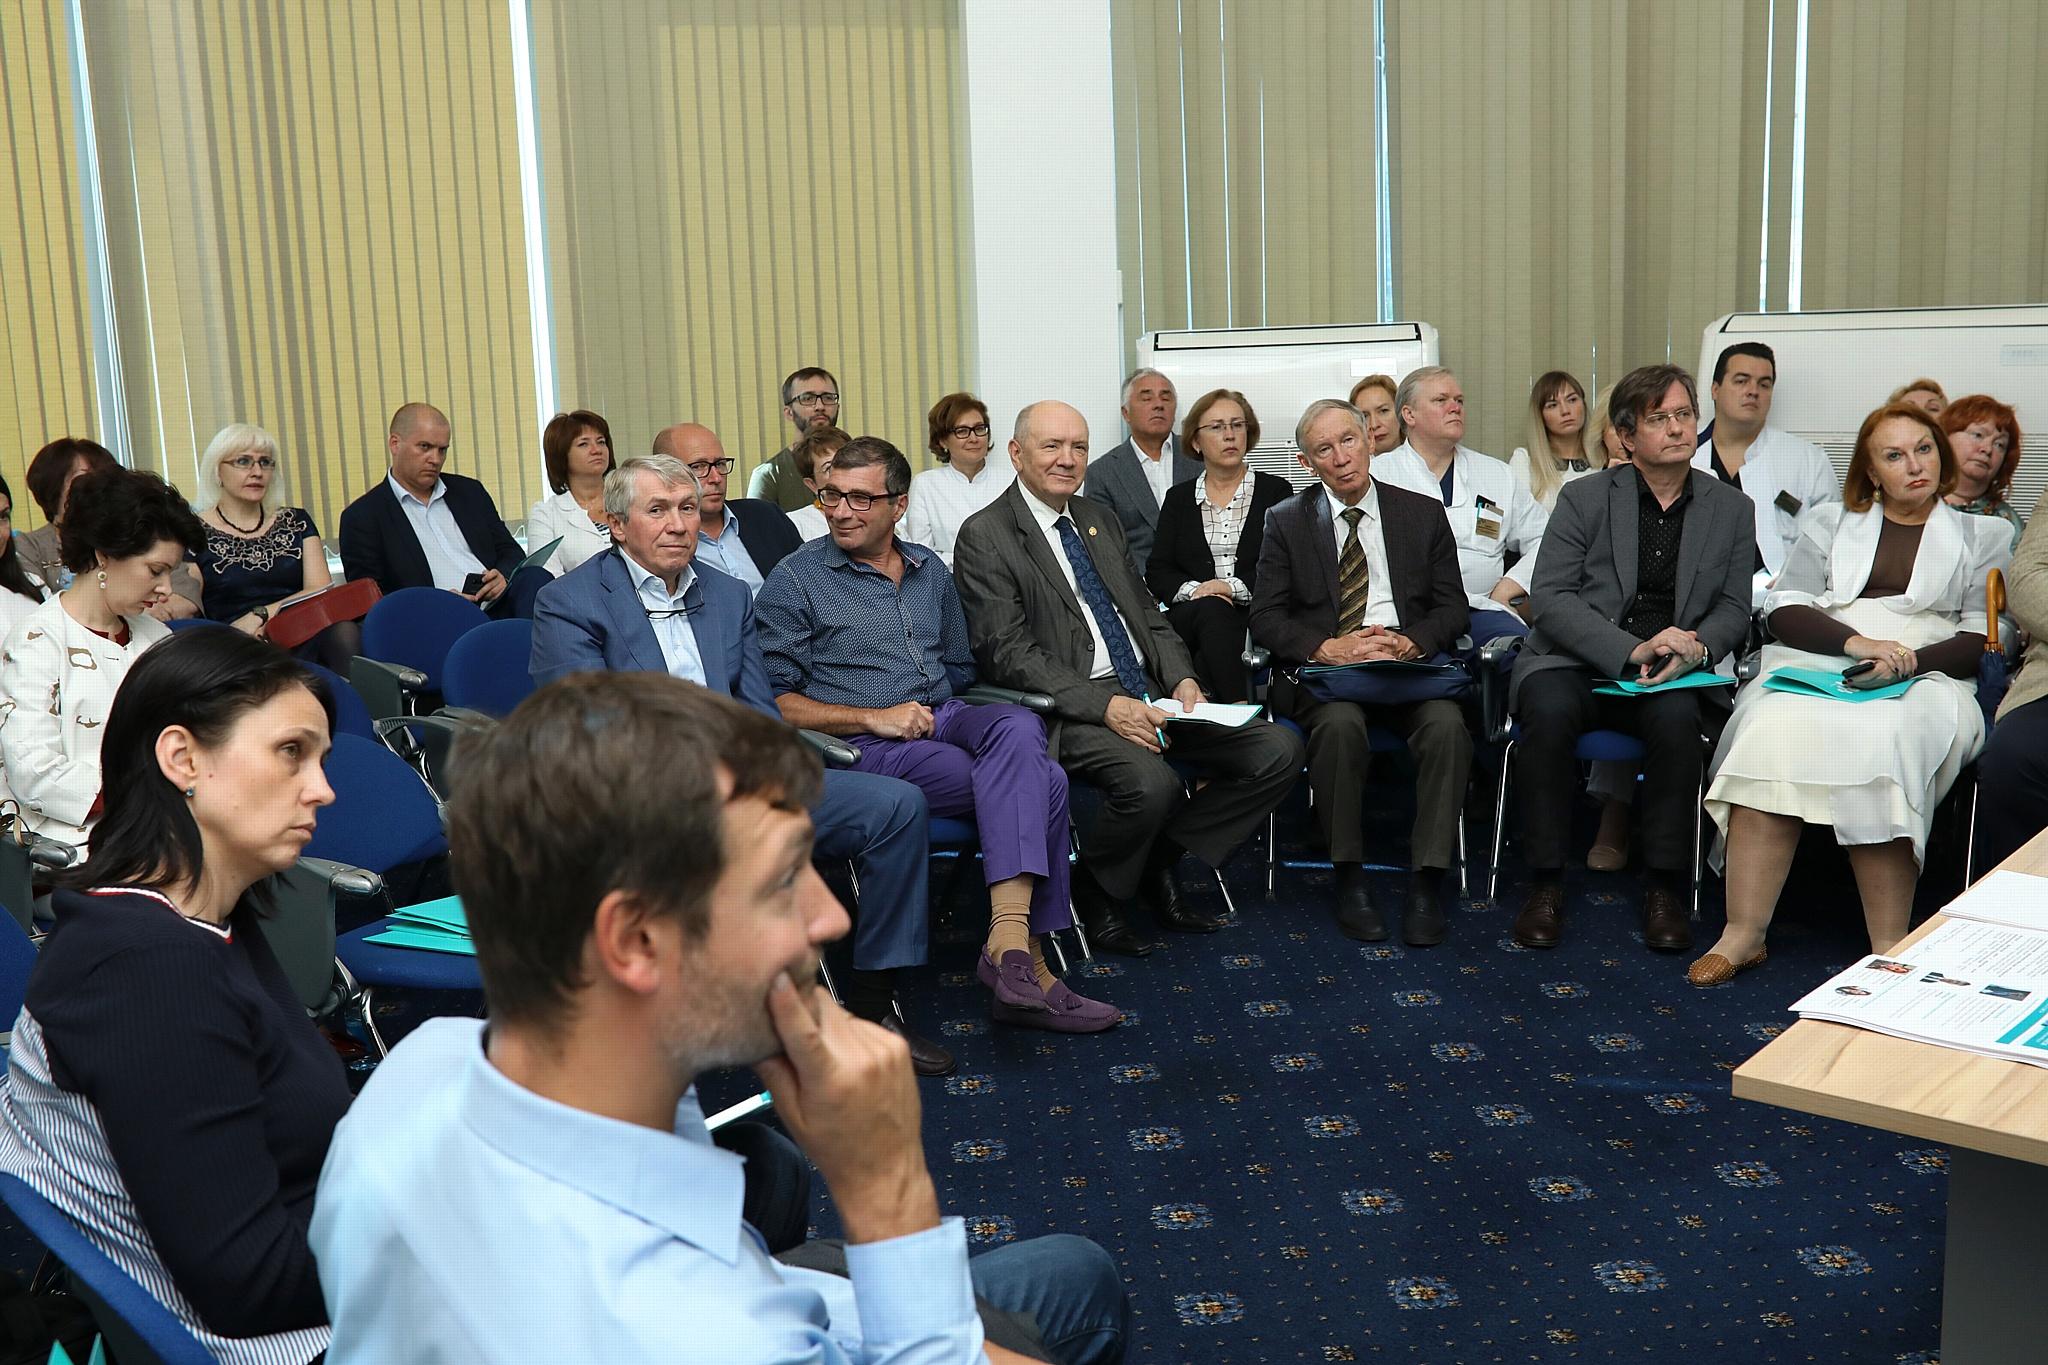 Ученый Совет МЕДСИ: новые направления исследований, практические задачи и эксперты в составе